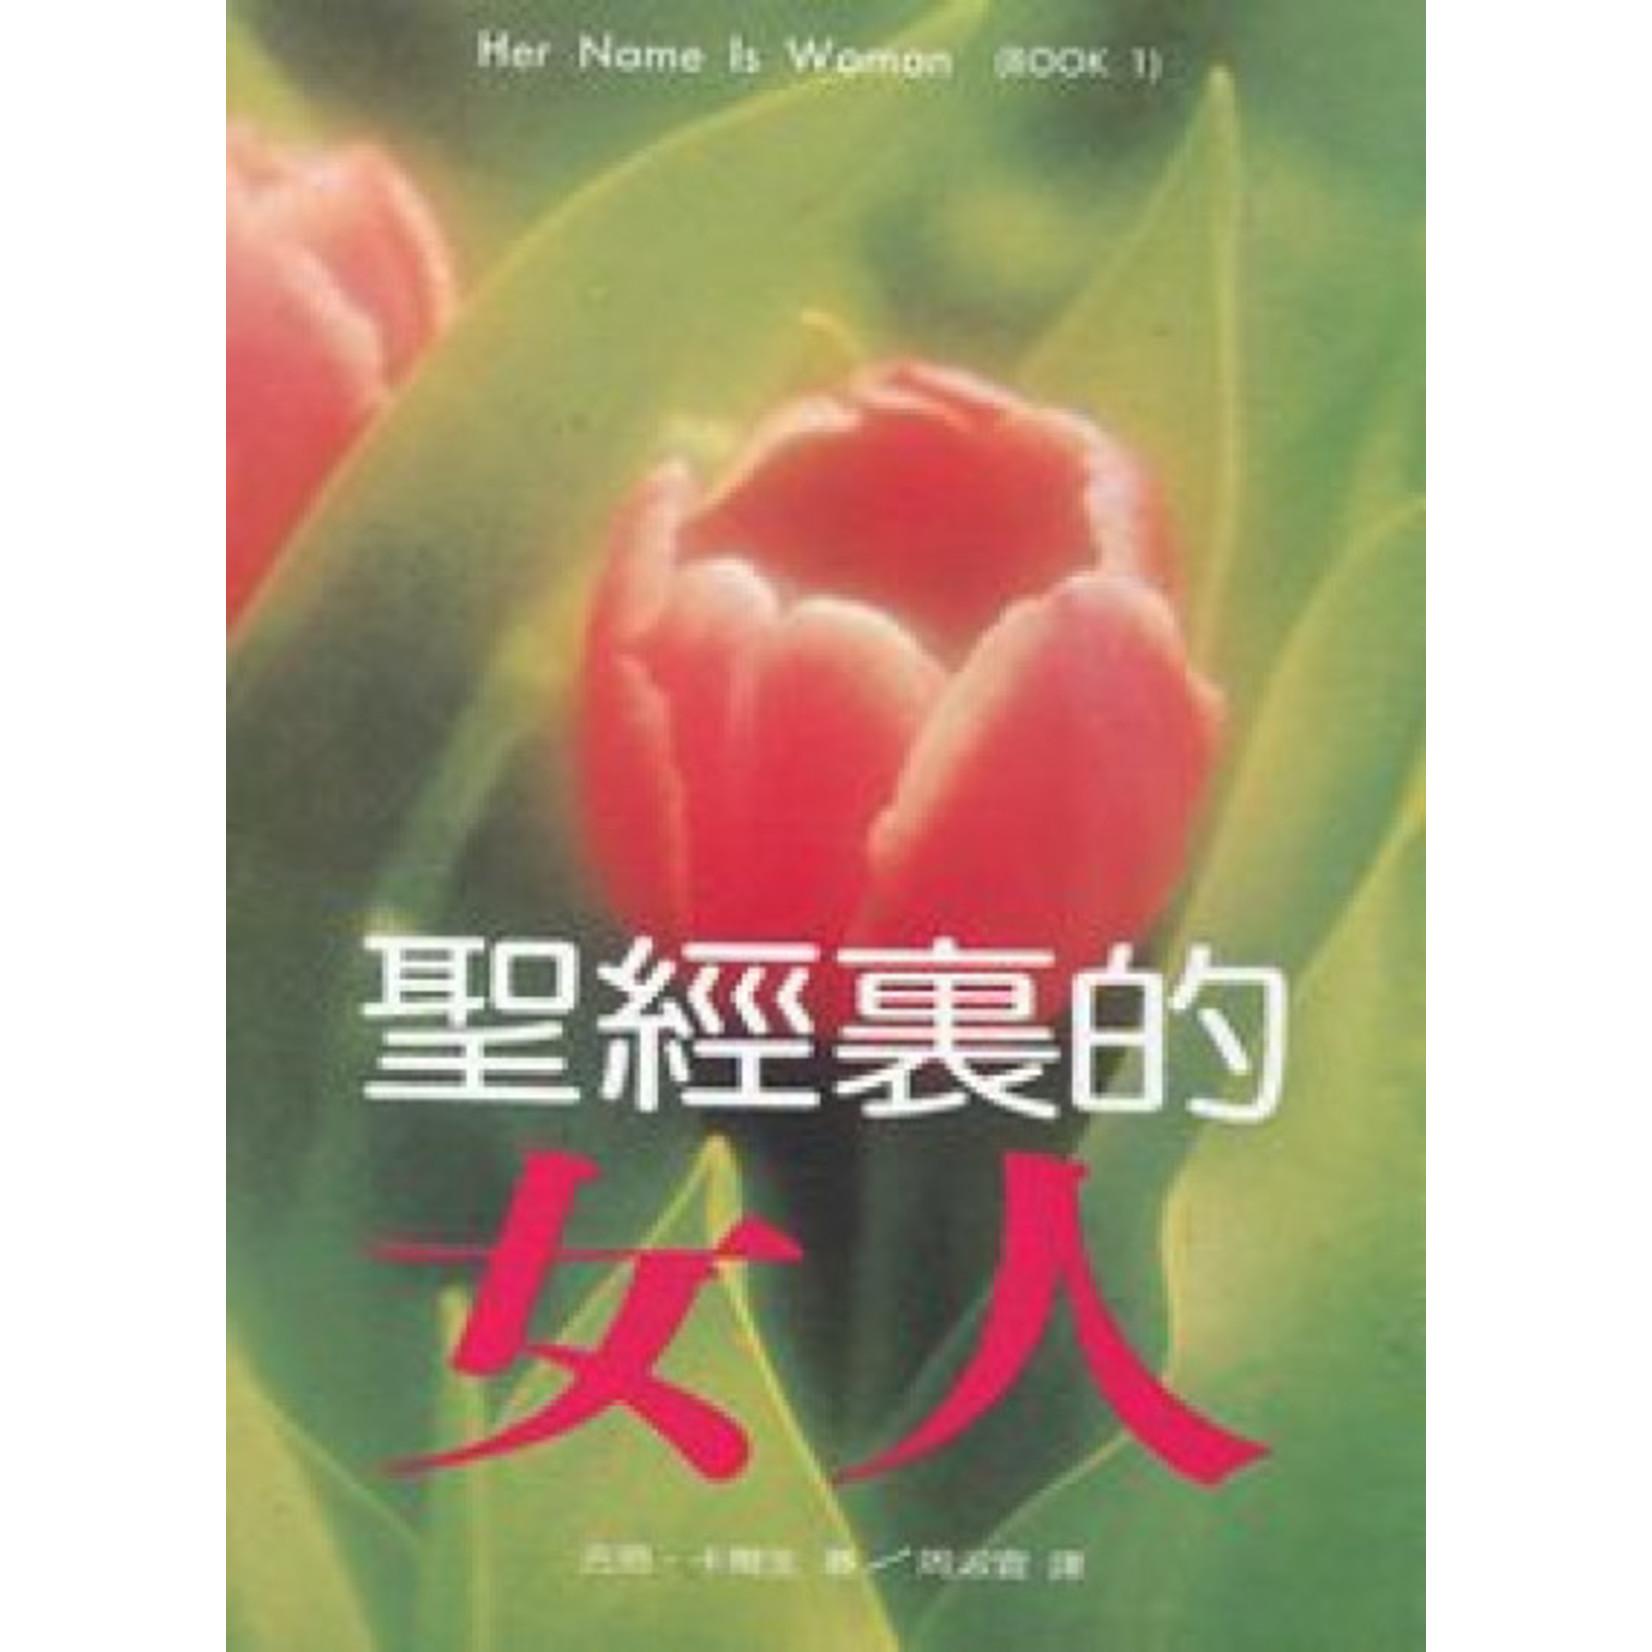 中國主日學協會 China Sunday School Association 聖經裡的女人 Her Name Is Woman